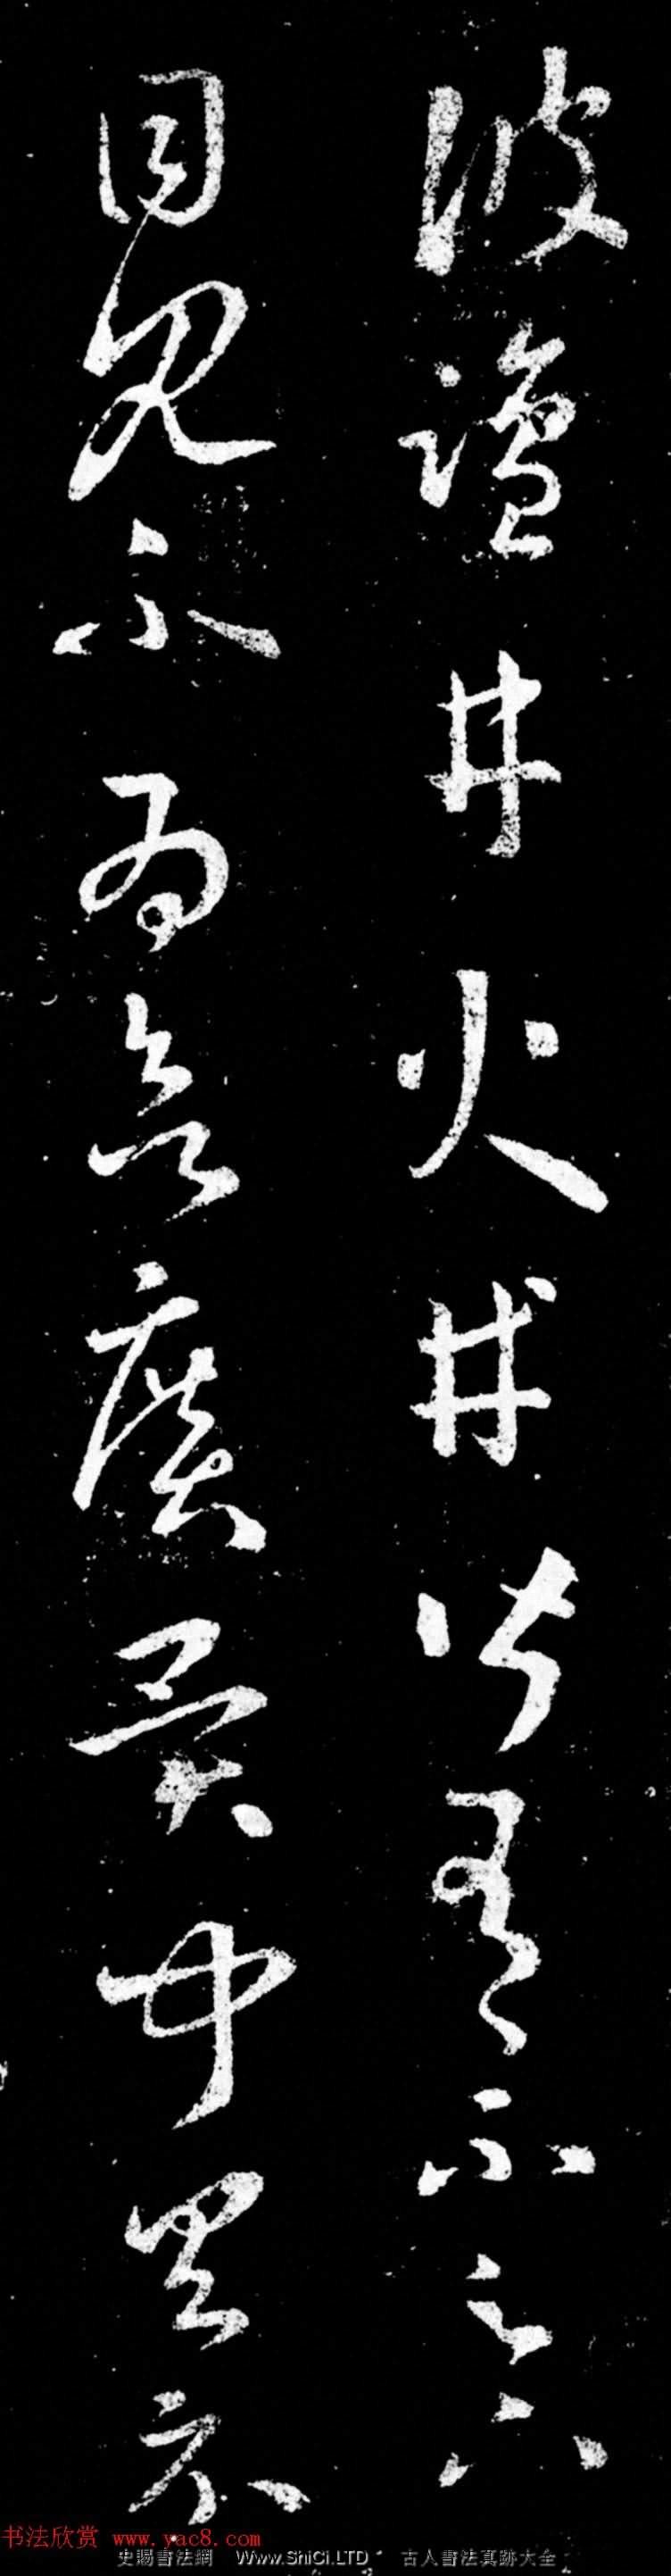 王羲之草書尺牘真跡欣賞《鹽井帖》(共3張圖片)